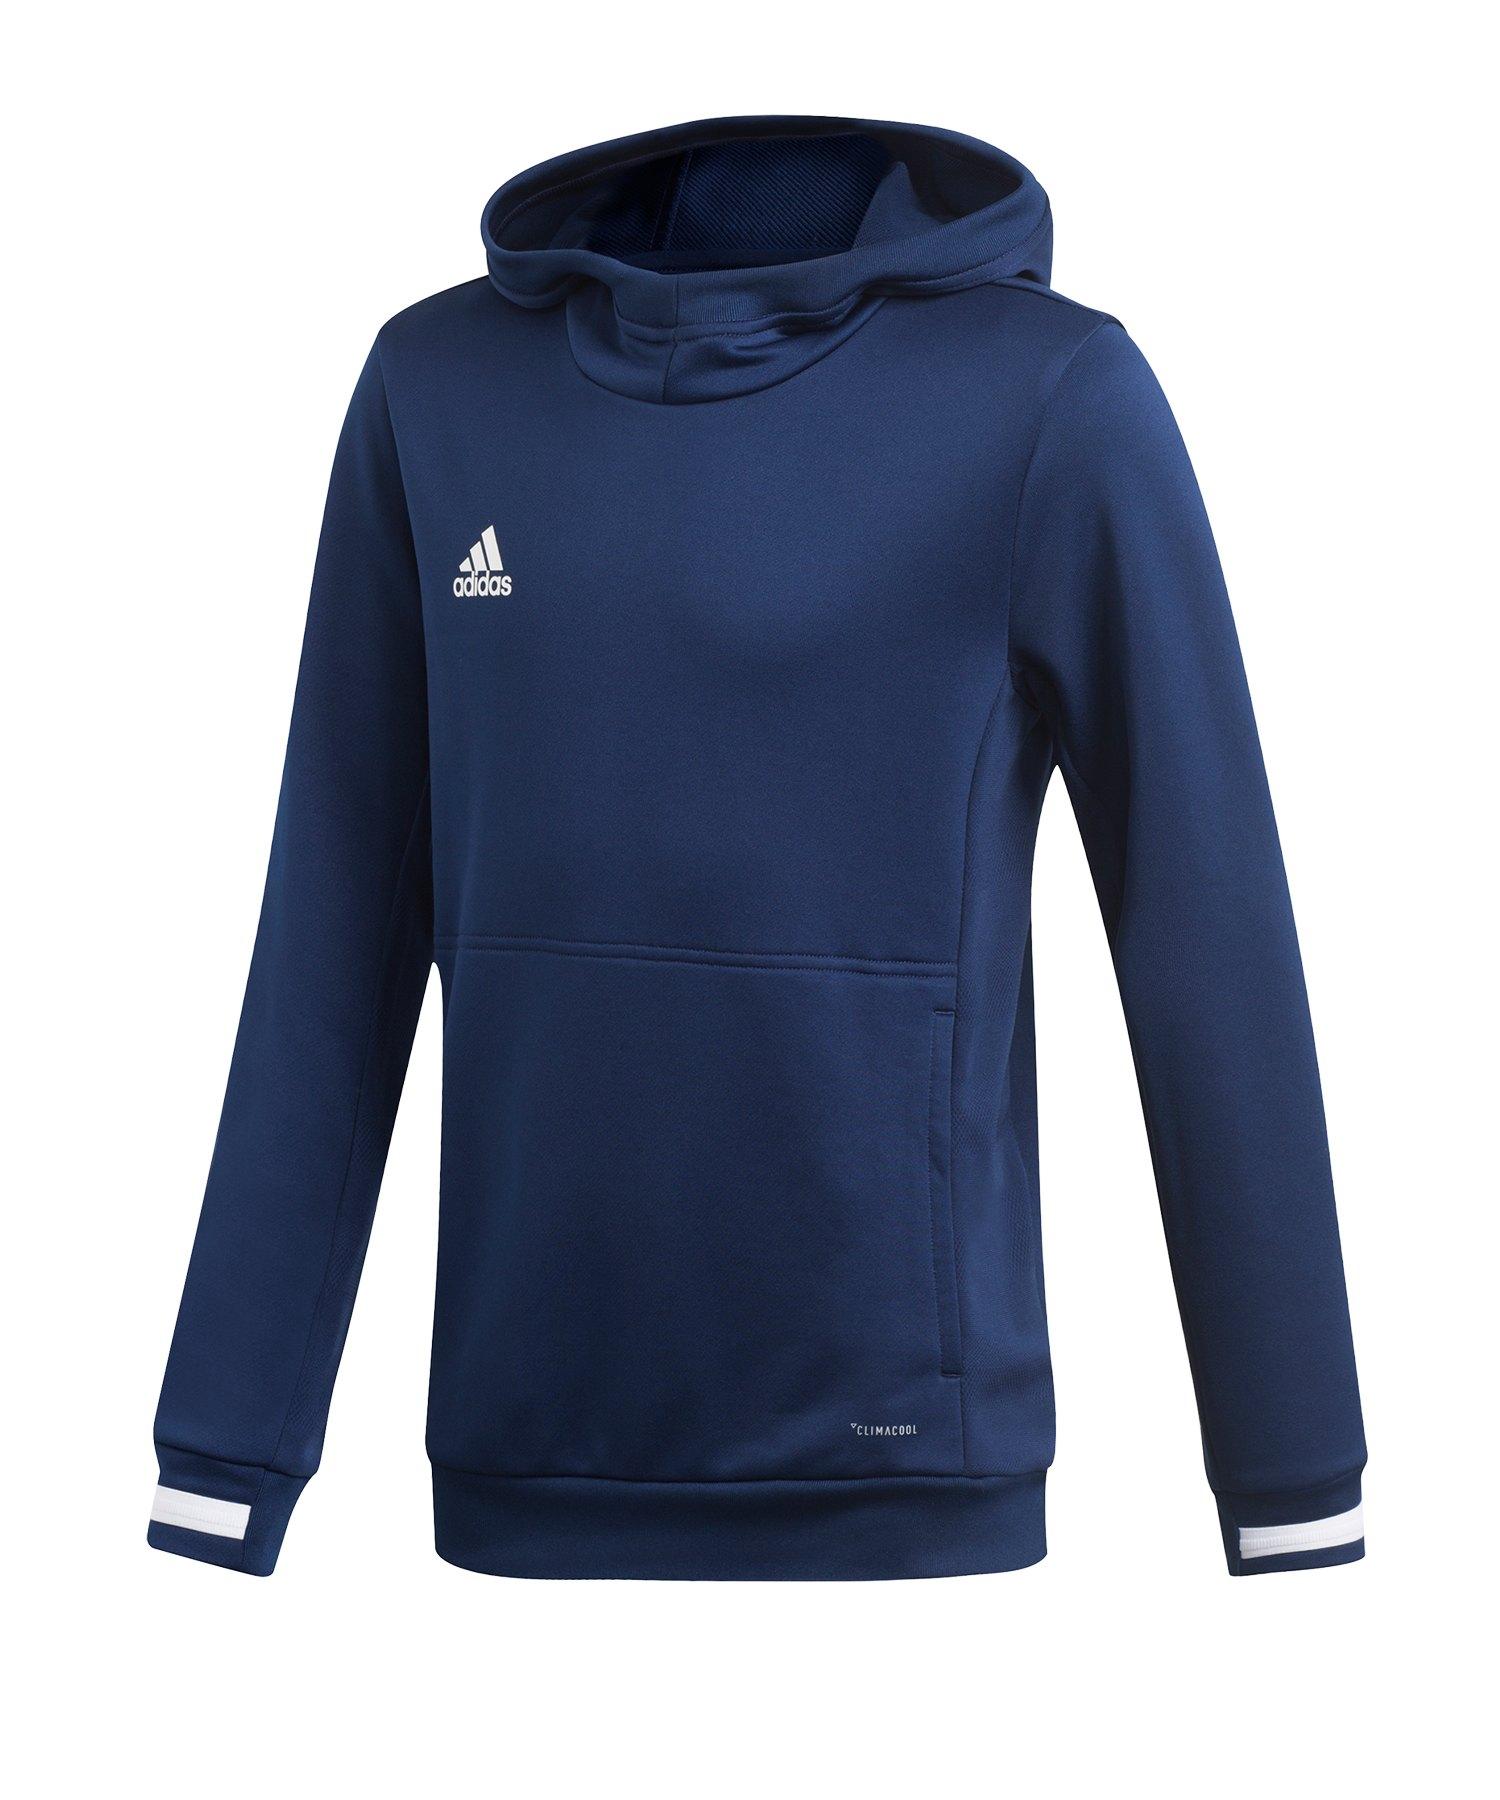 adidas Team 19 Kapuzensweatshirt Kids Blau - blau